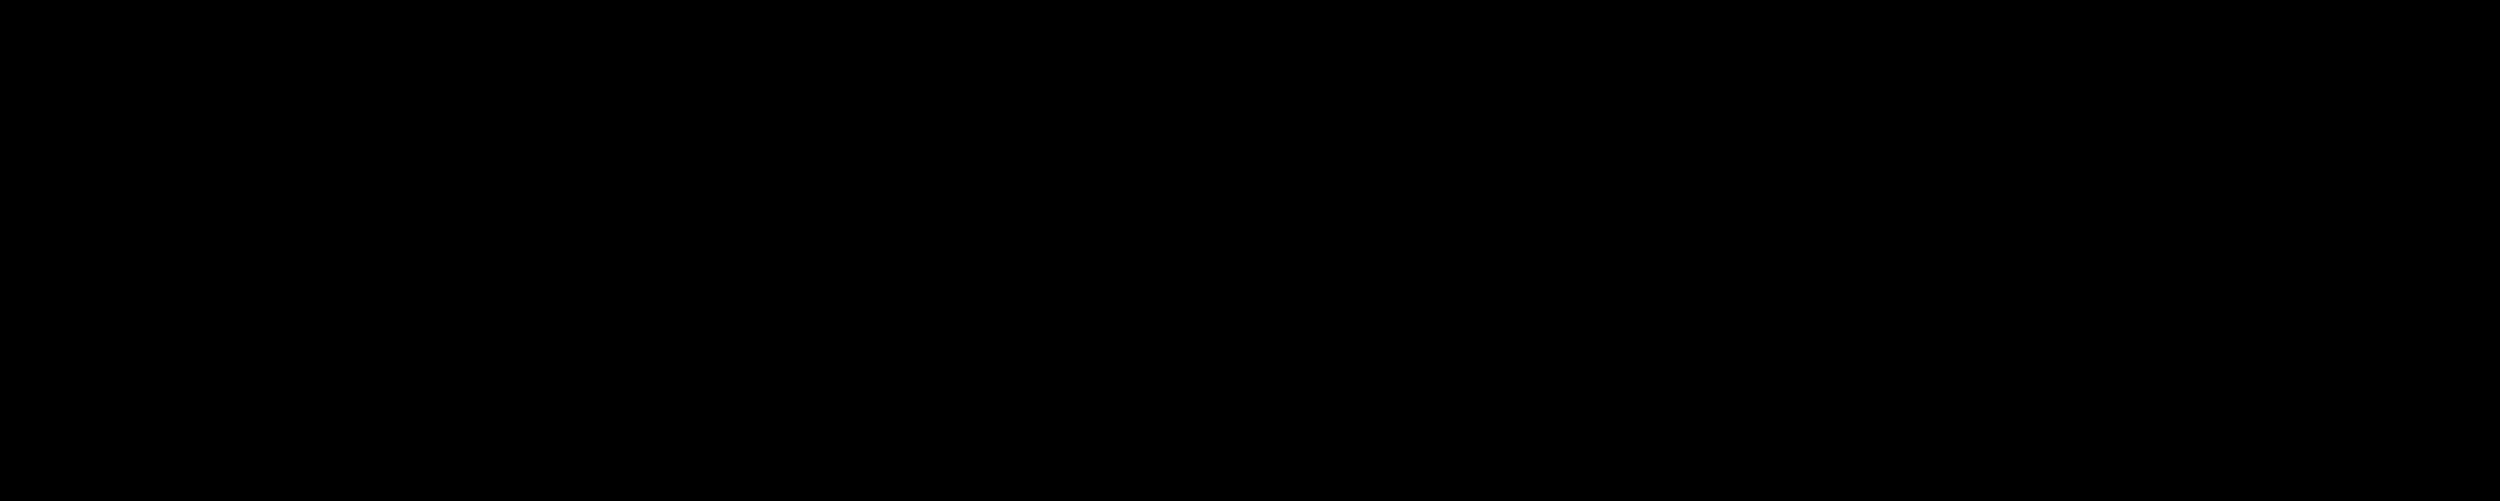 Avon_logo_logotype.png